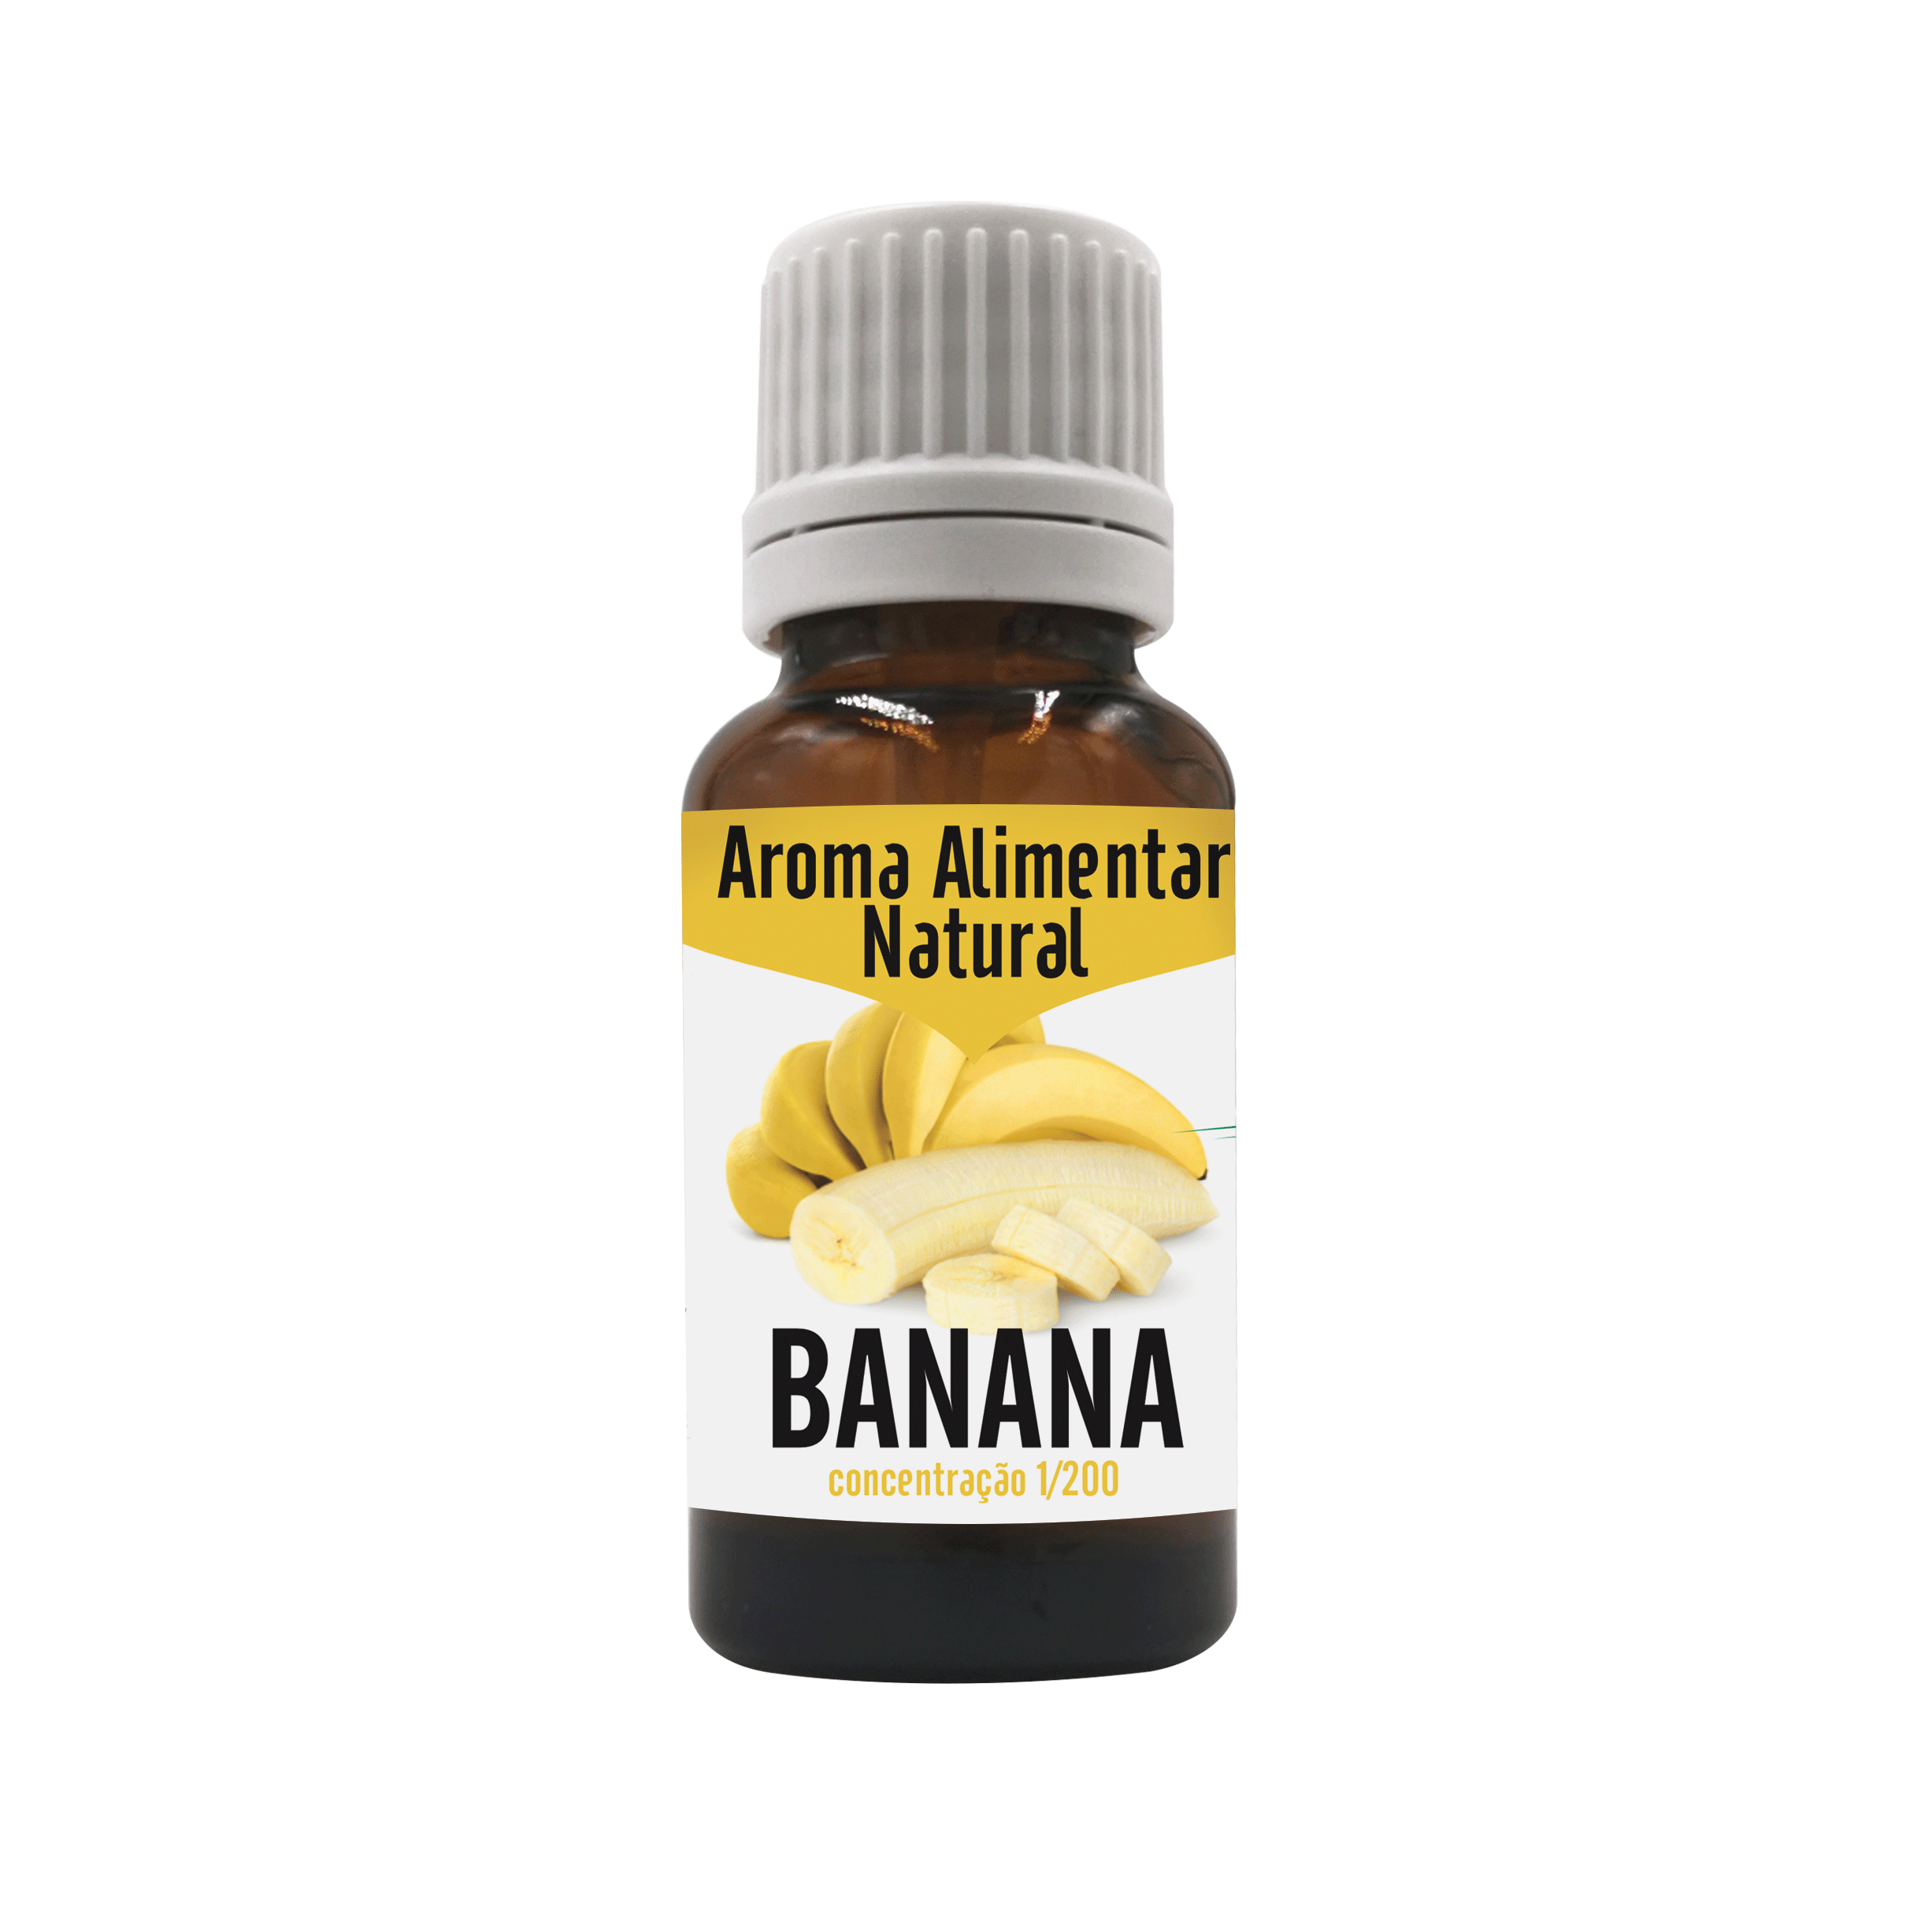 Aroma Alimentar de Banana